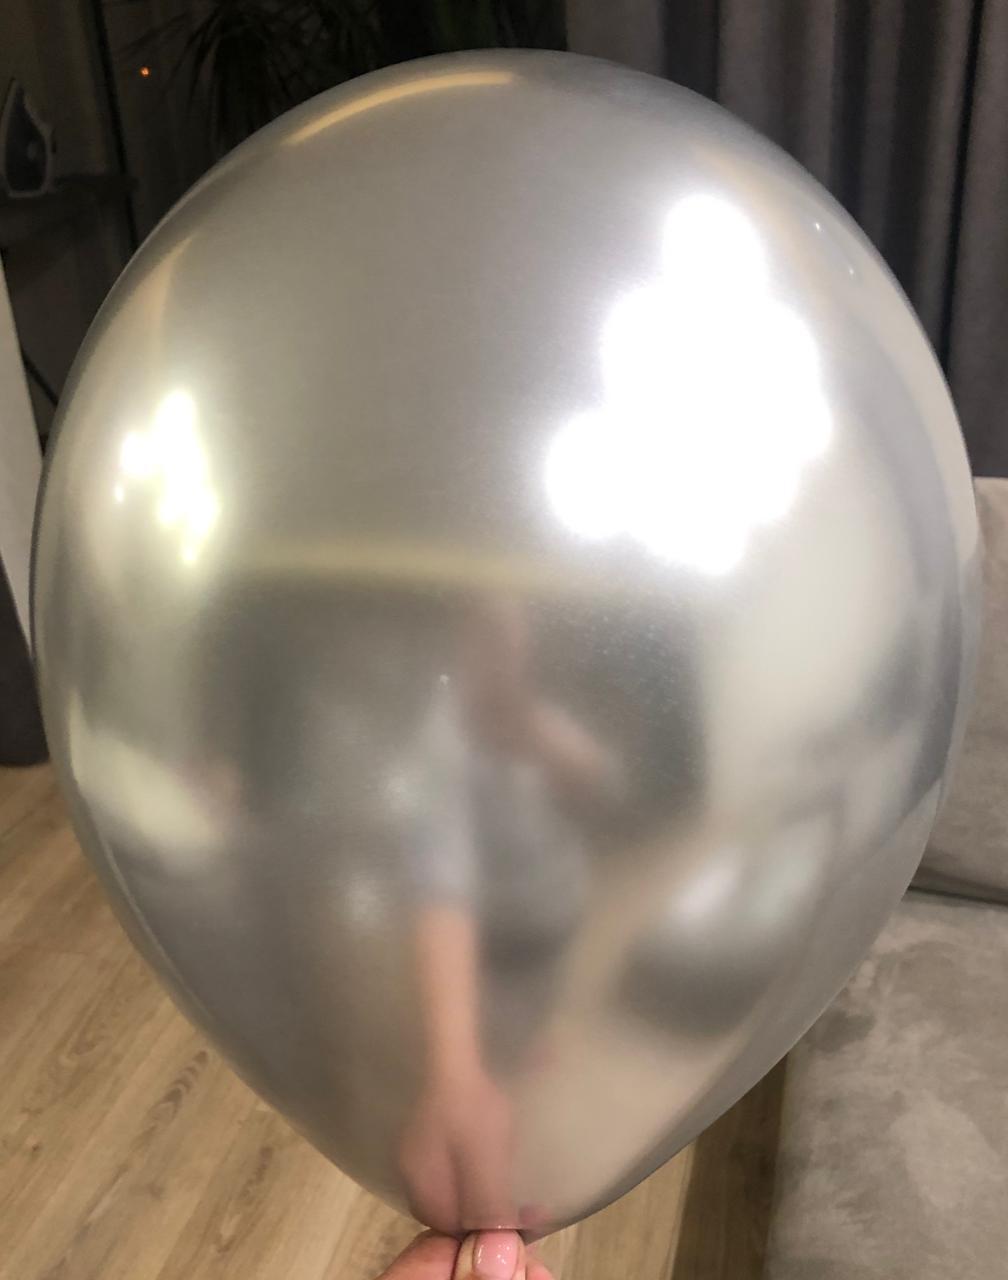 metallic LaTeX balloon aluminum paste